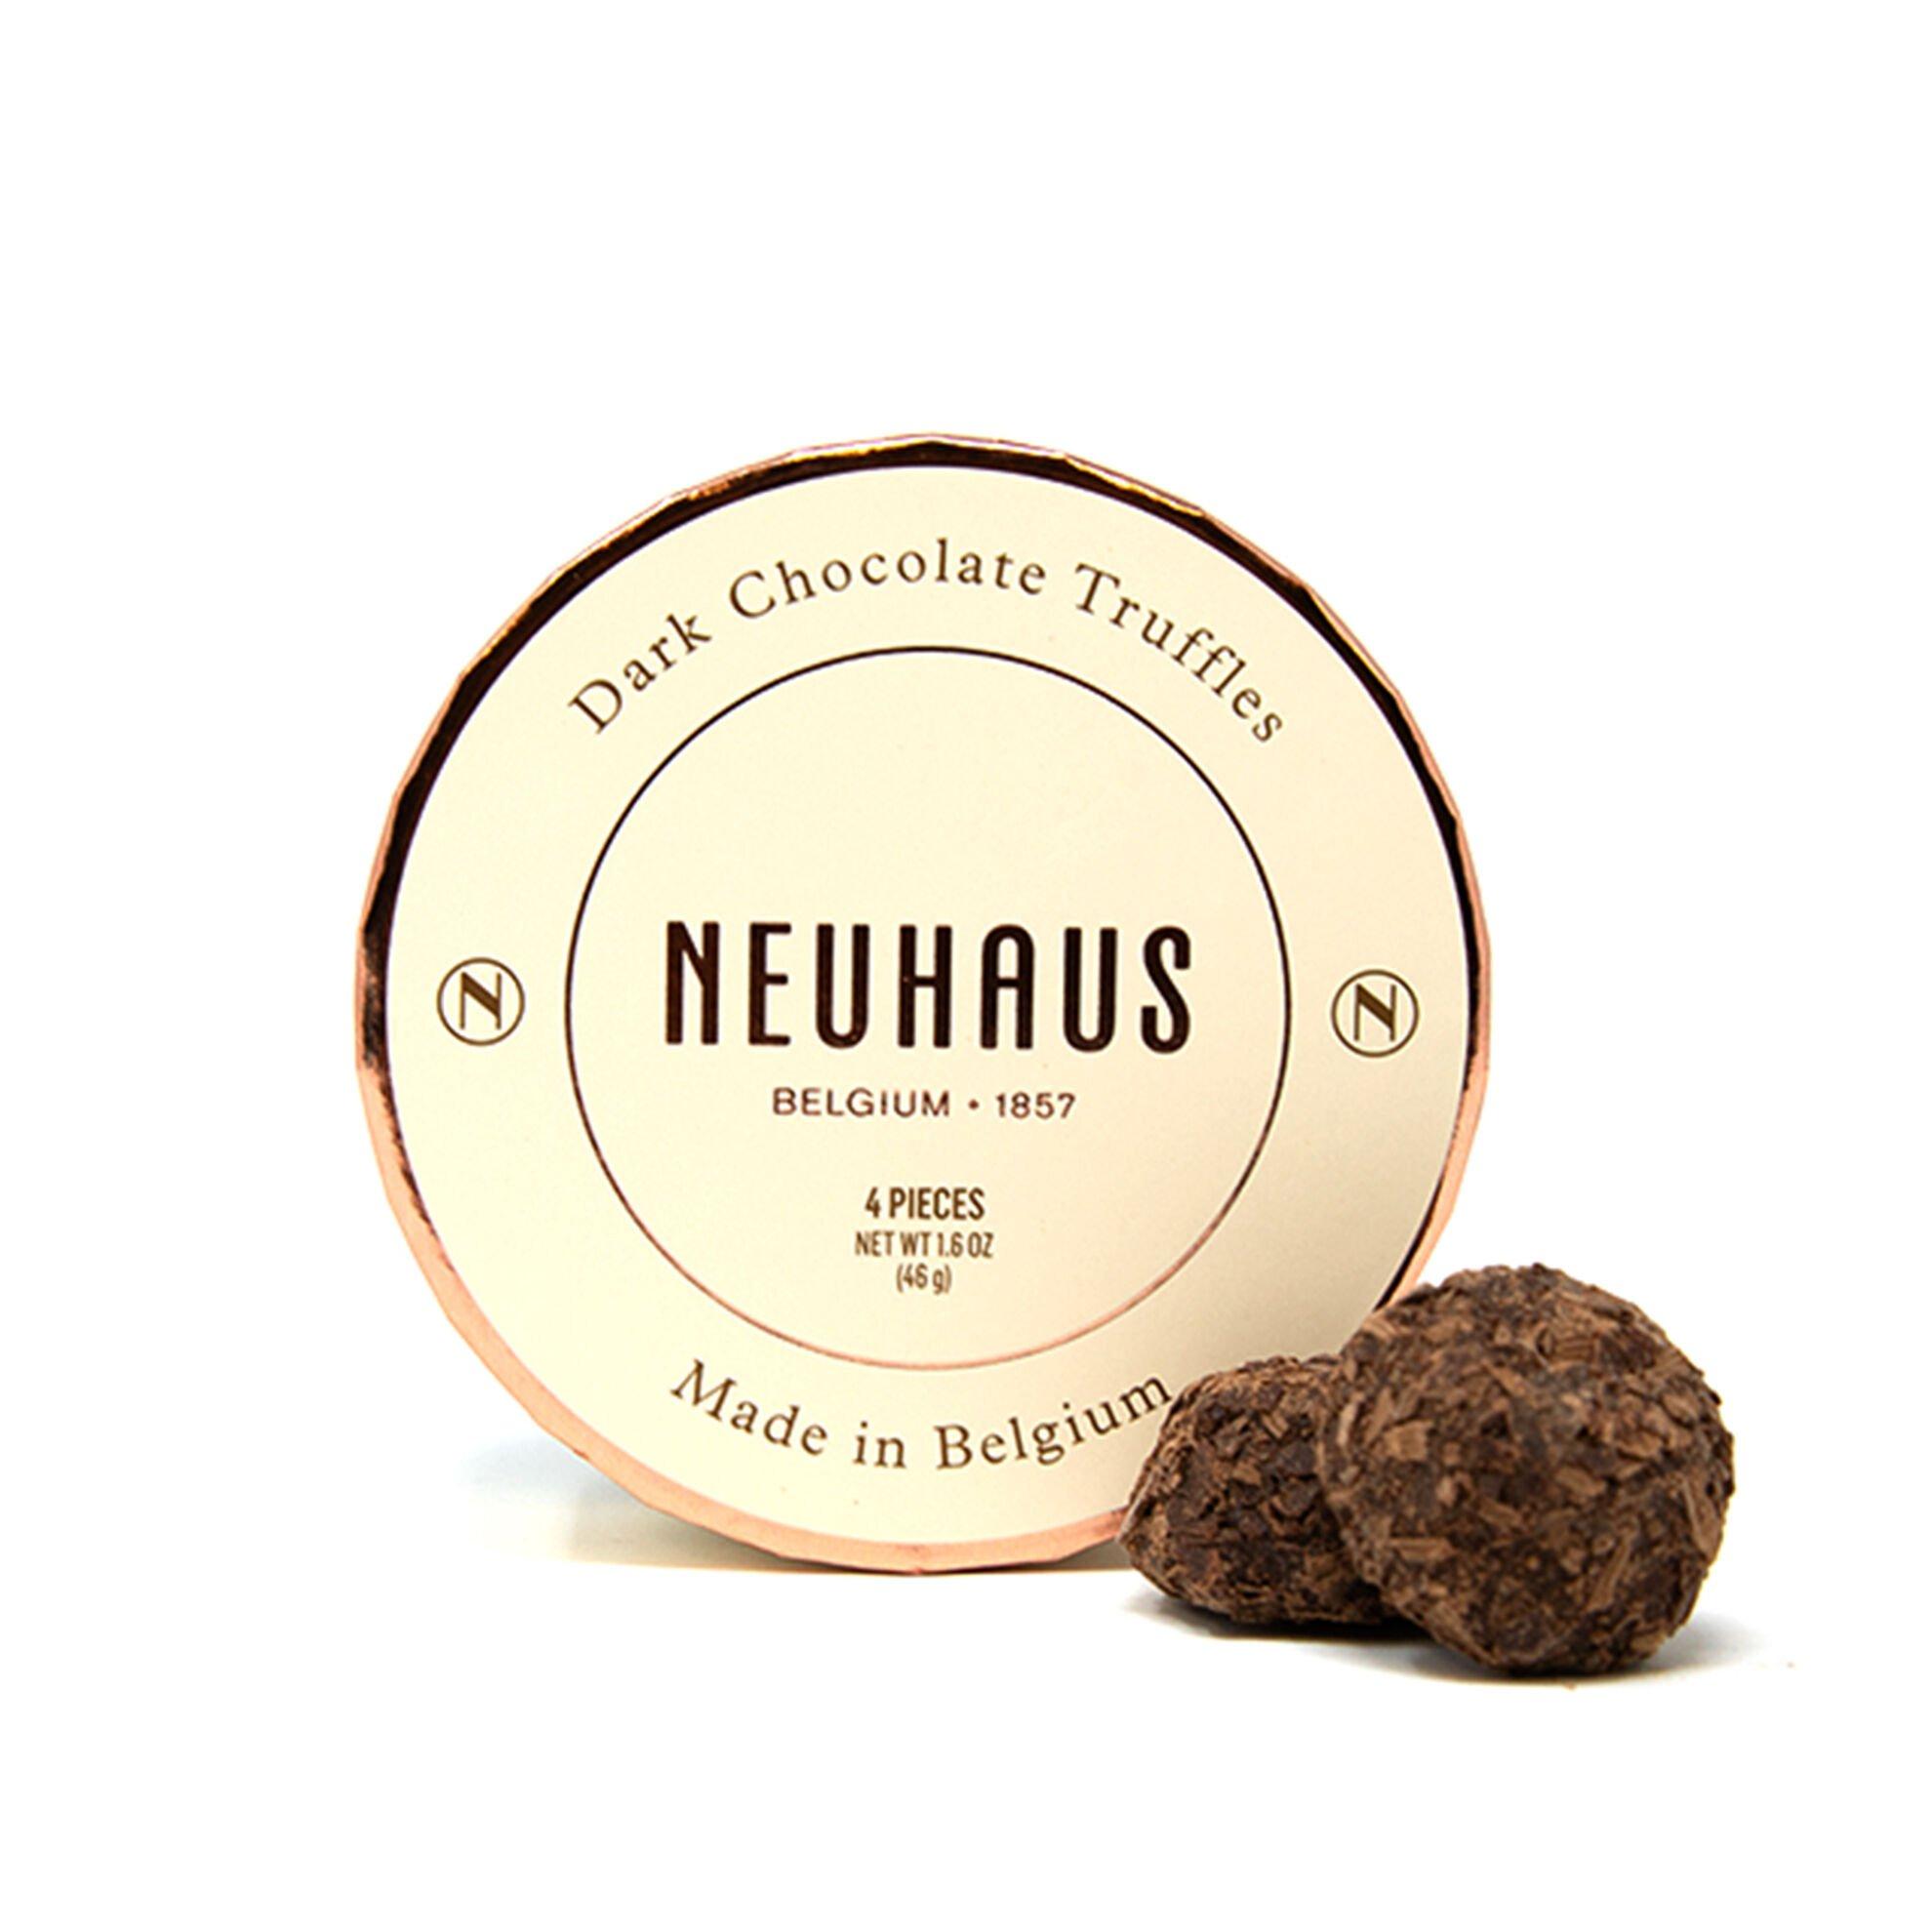 Dark Chocolate Truffles in Round Box 4 pcs image number 11